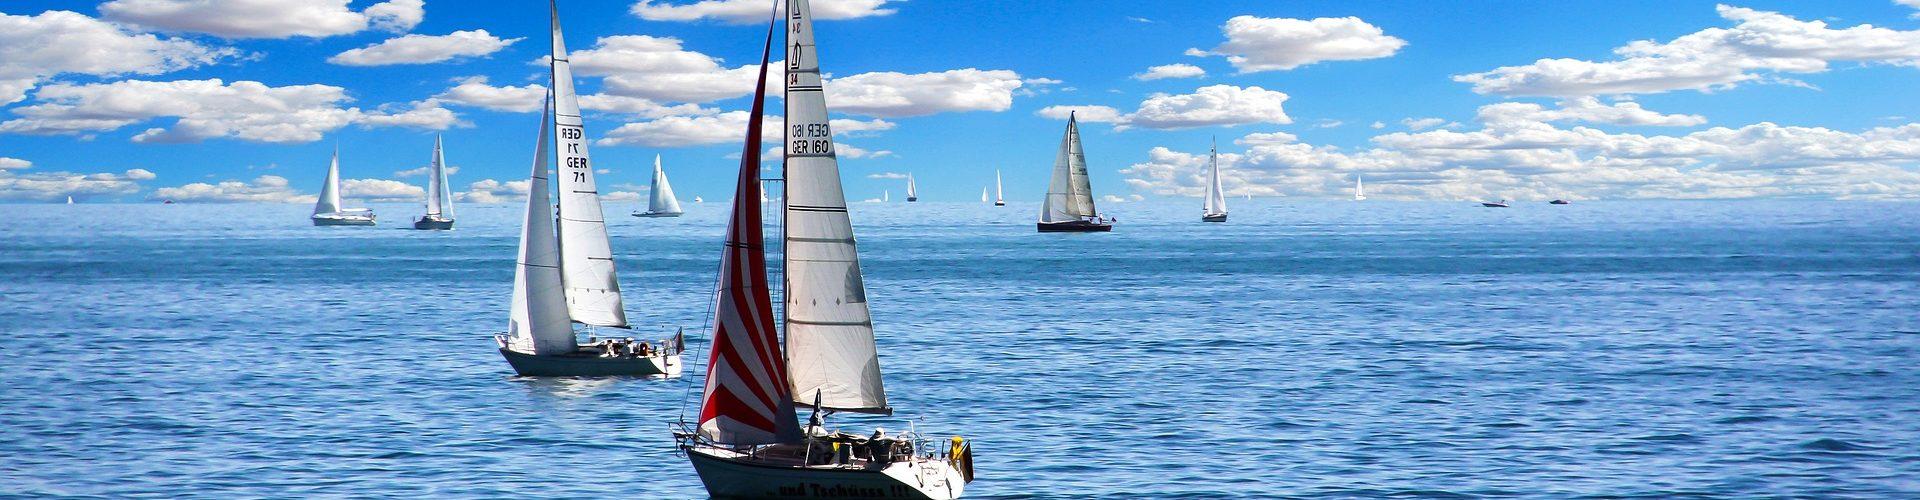 segeln lernen in Arendsee segelschein machen in Arendsee 1920x500 - Segeln lernen in Arendsee